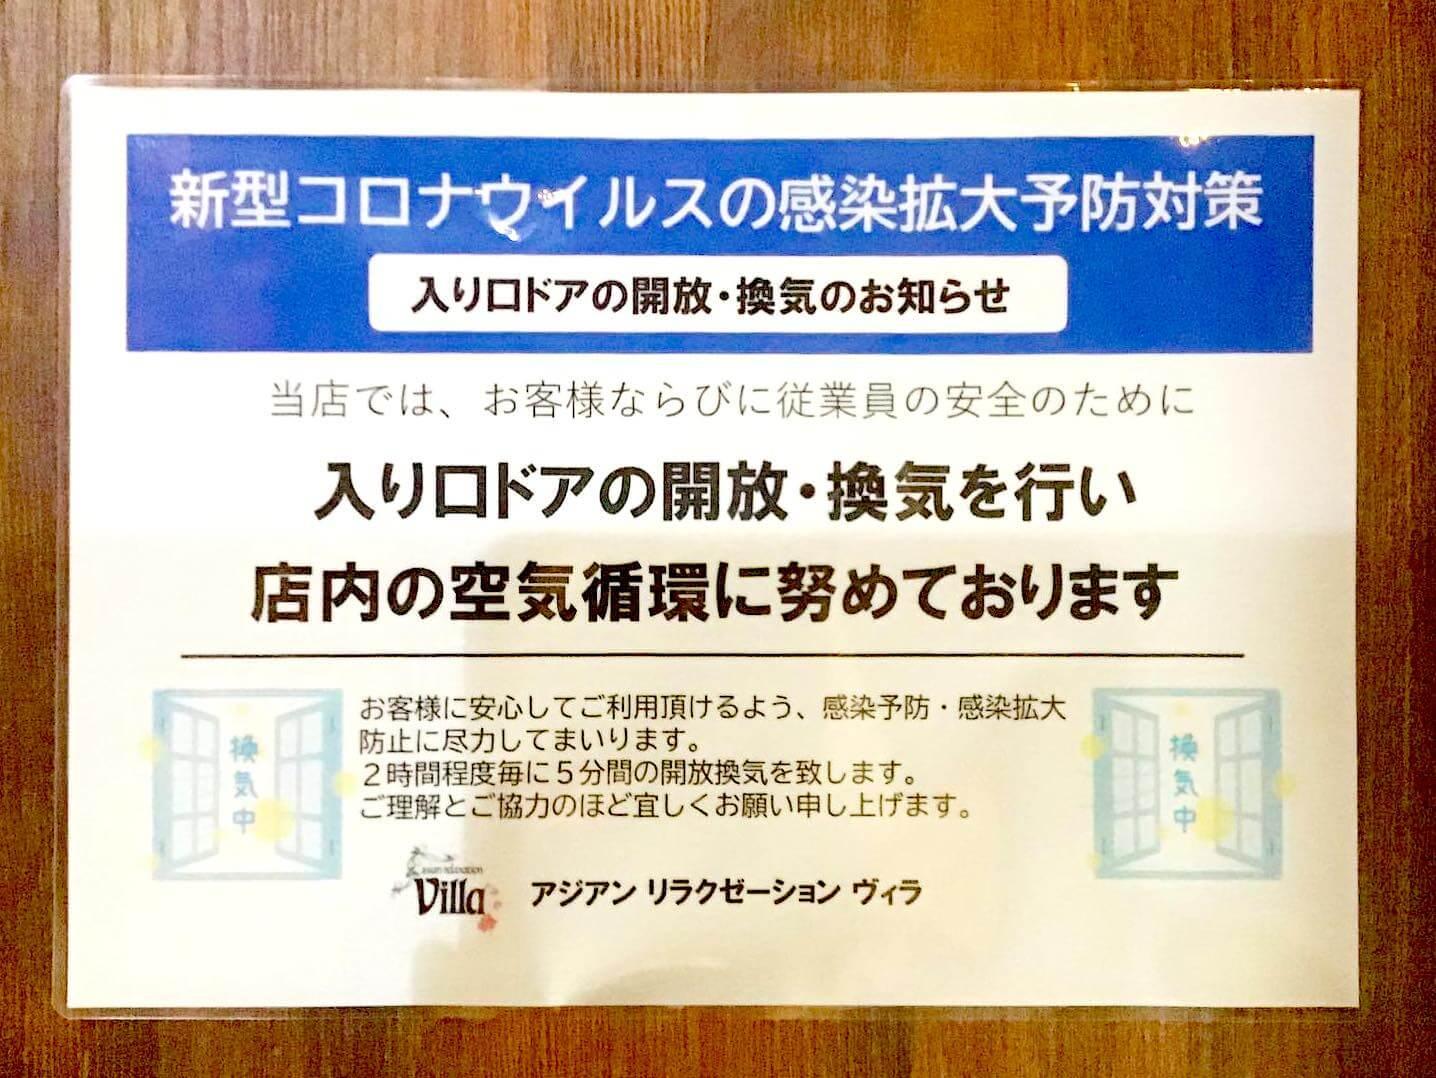 明石市の整体・マッサージ:ヴィラ 西明石 コロナウイルス感染拡大防止対策